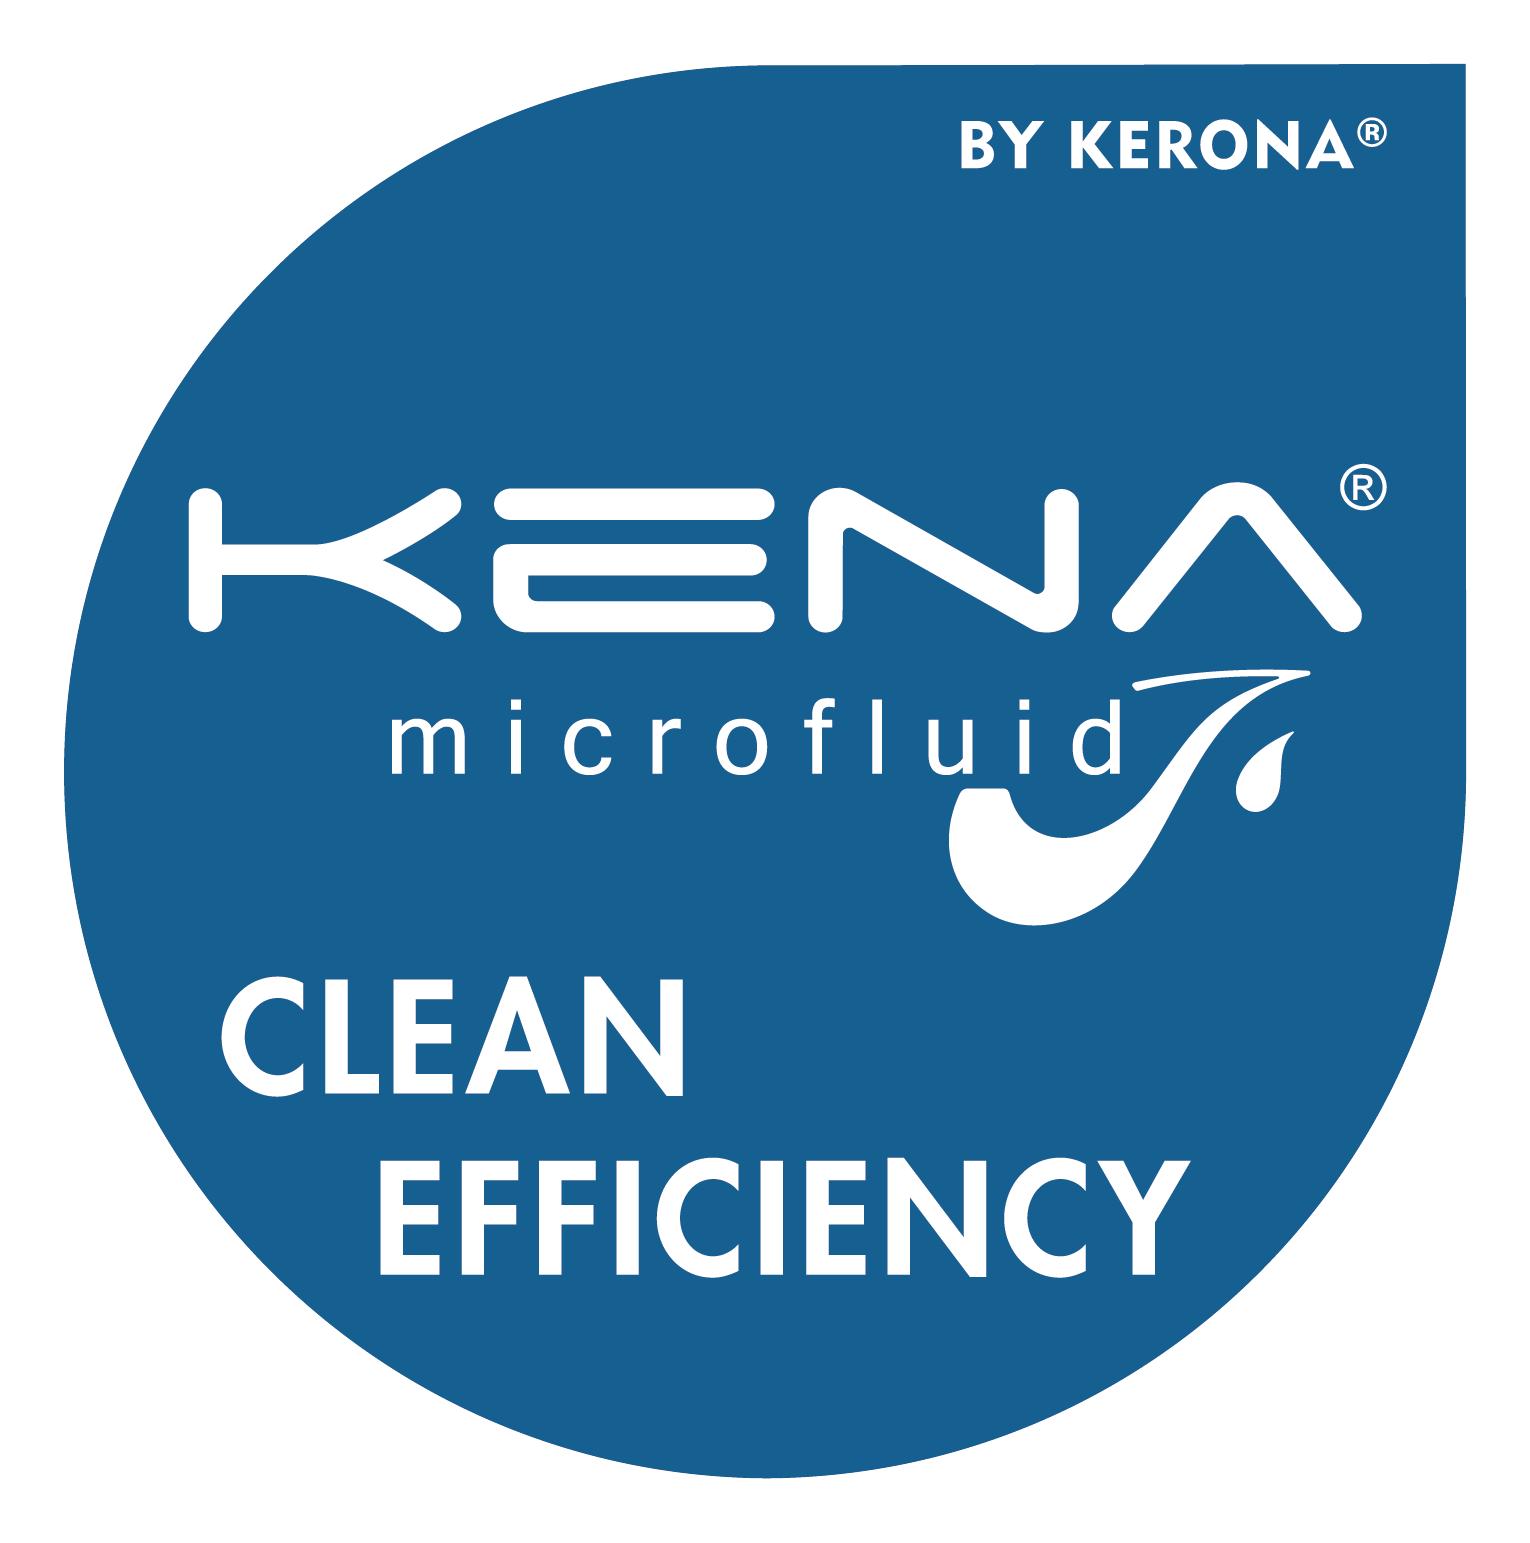 Kena Microfluid